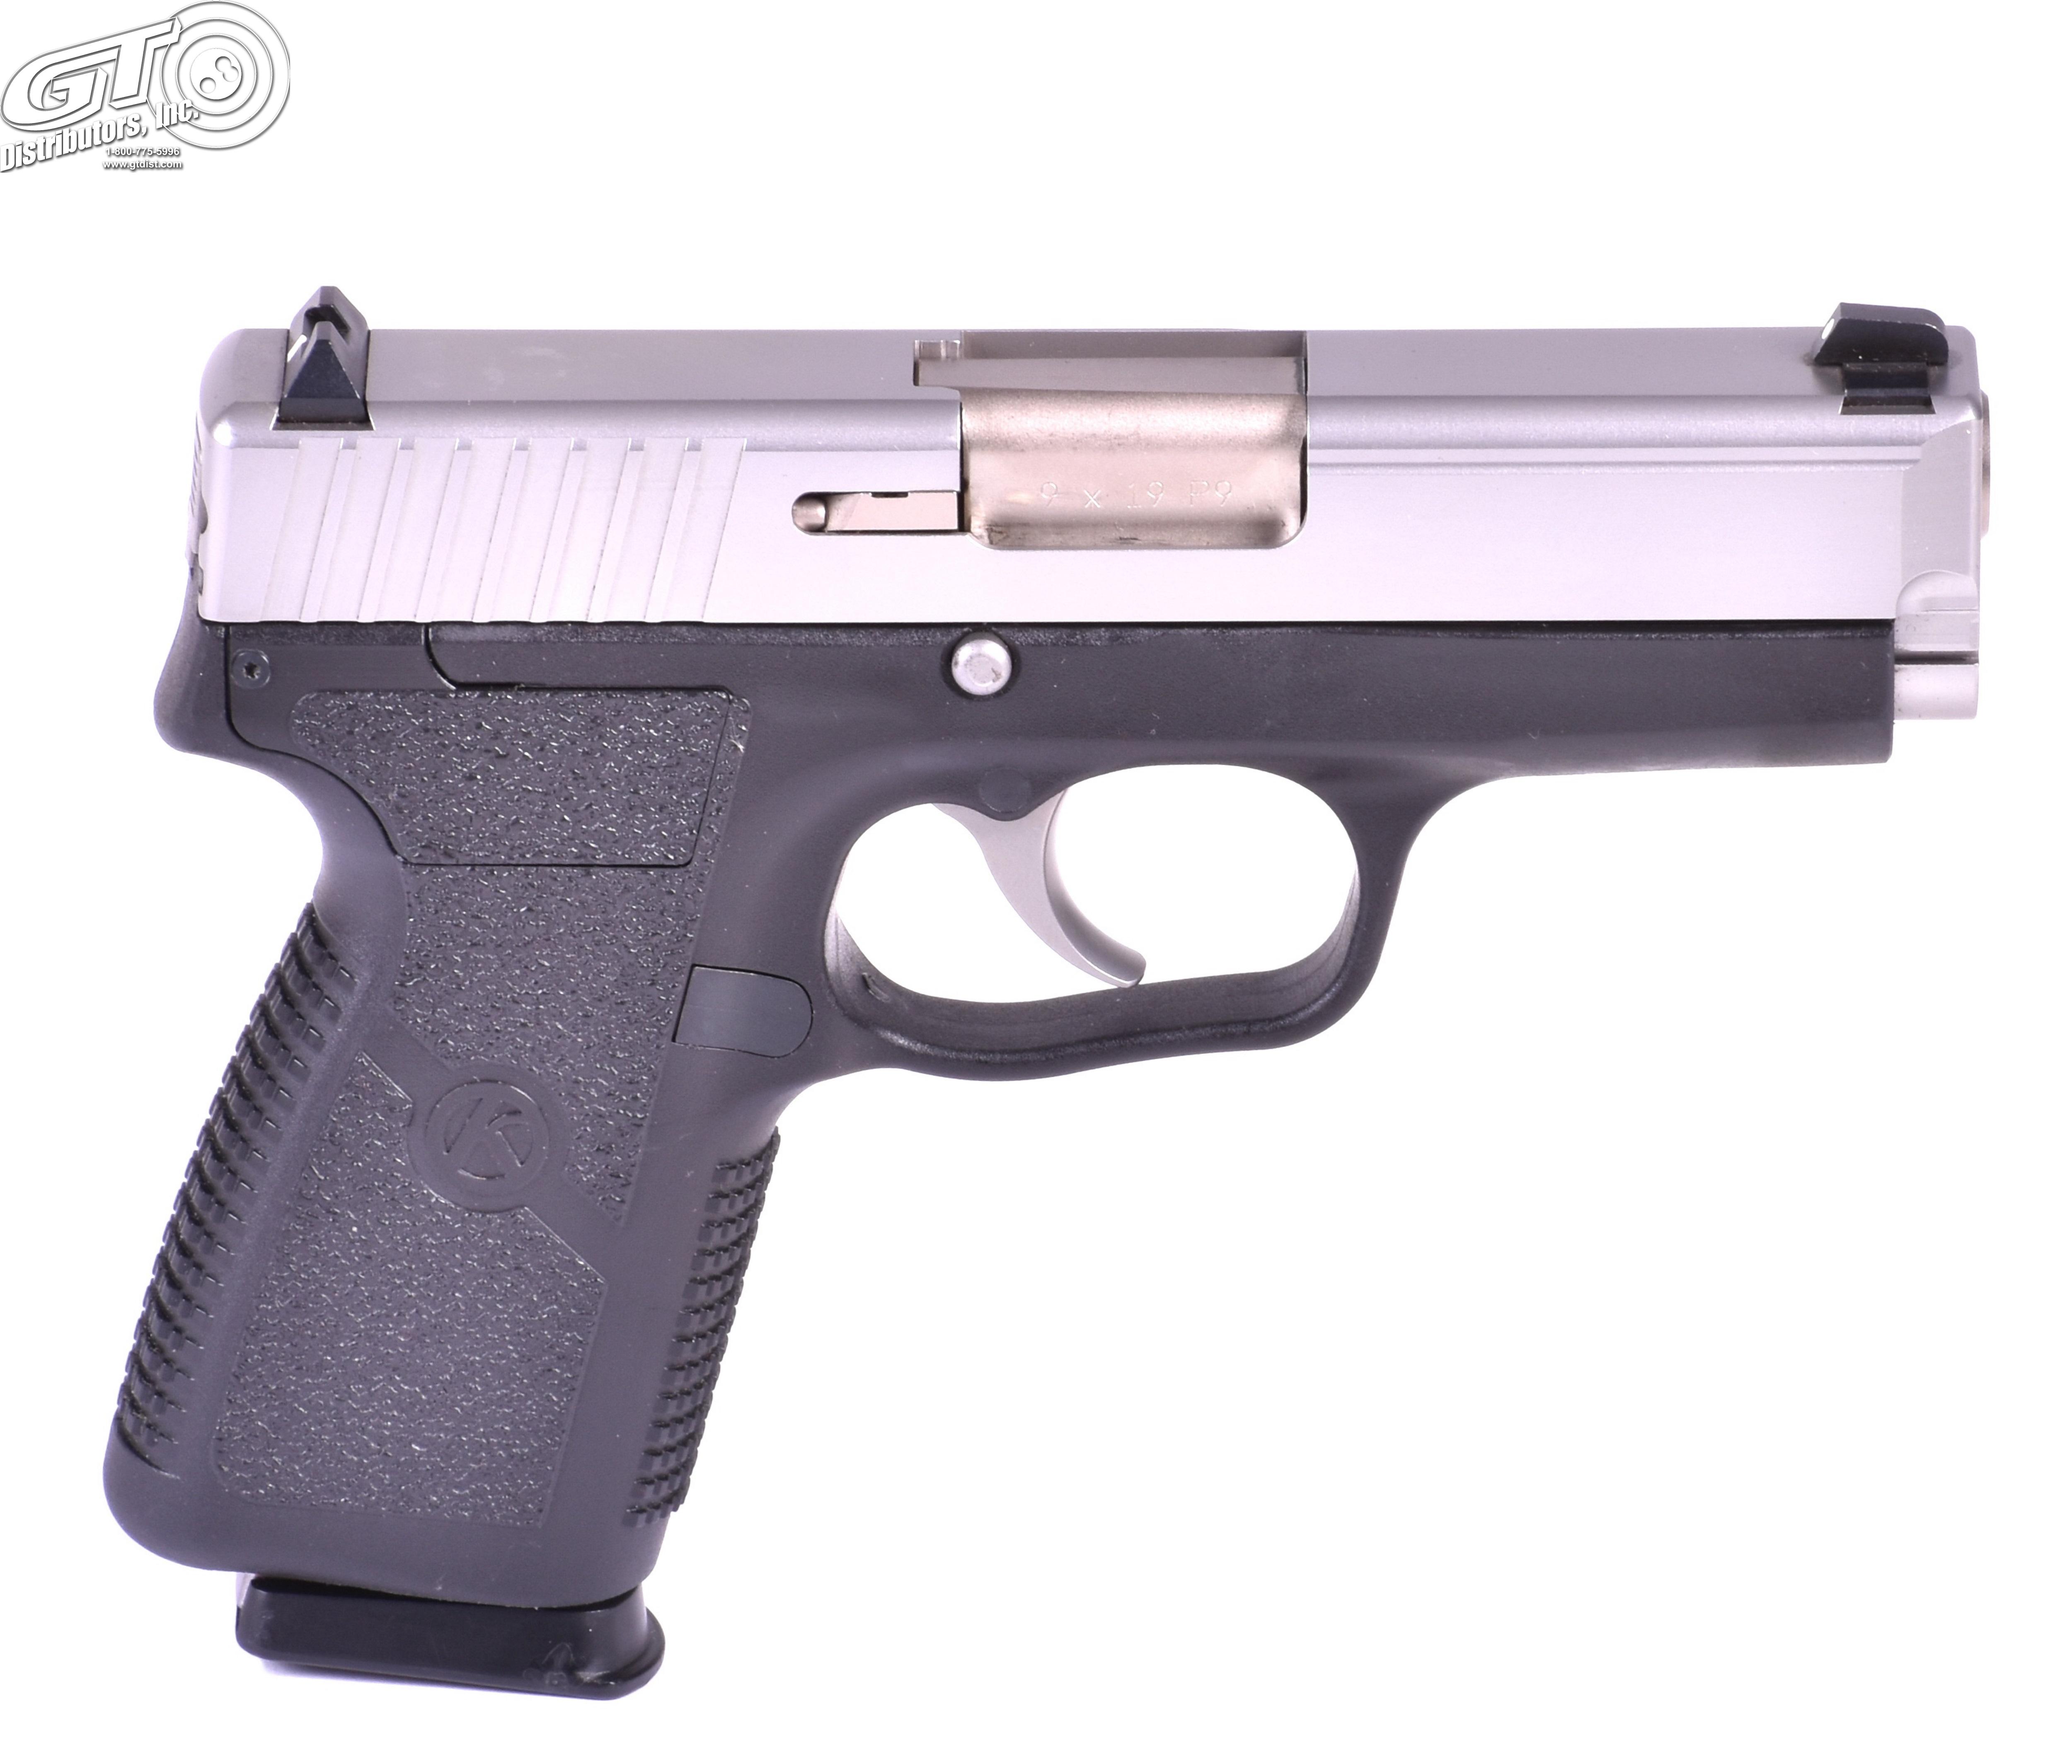 Kahr P9 9mm - Semi Auto Pistols at GunBroker com : 802896698